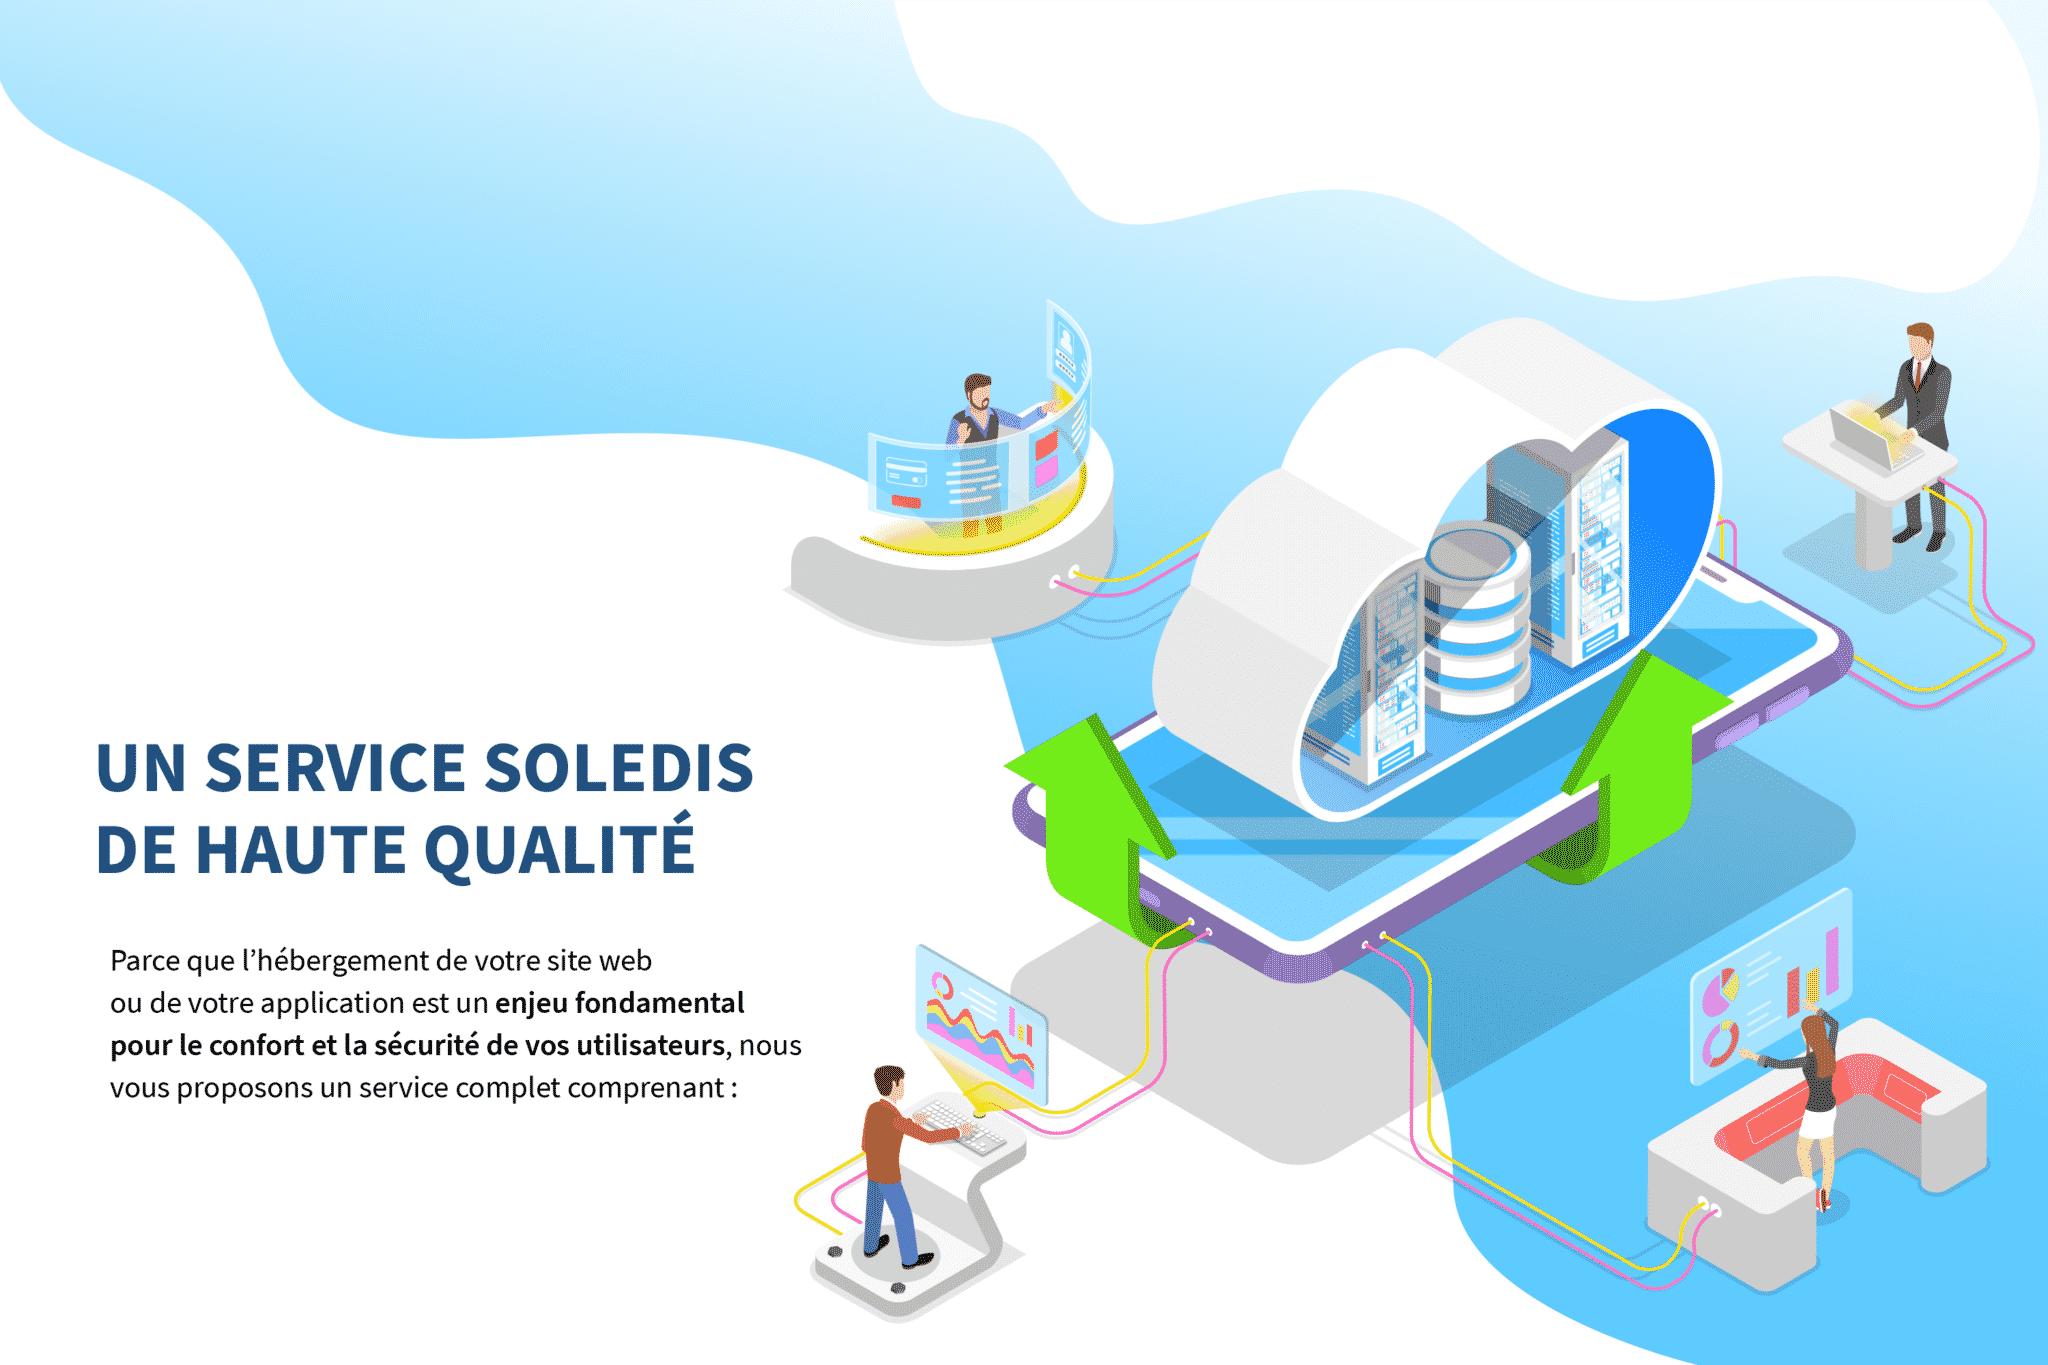 hébergement internet avec le service soledis de haute qualité